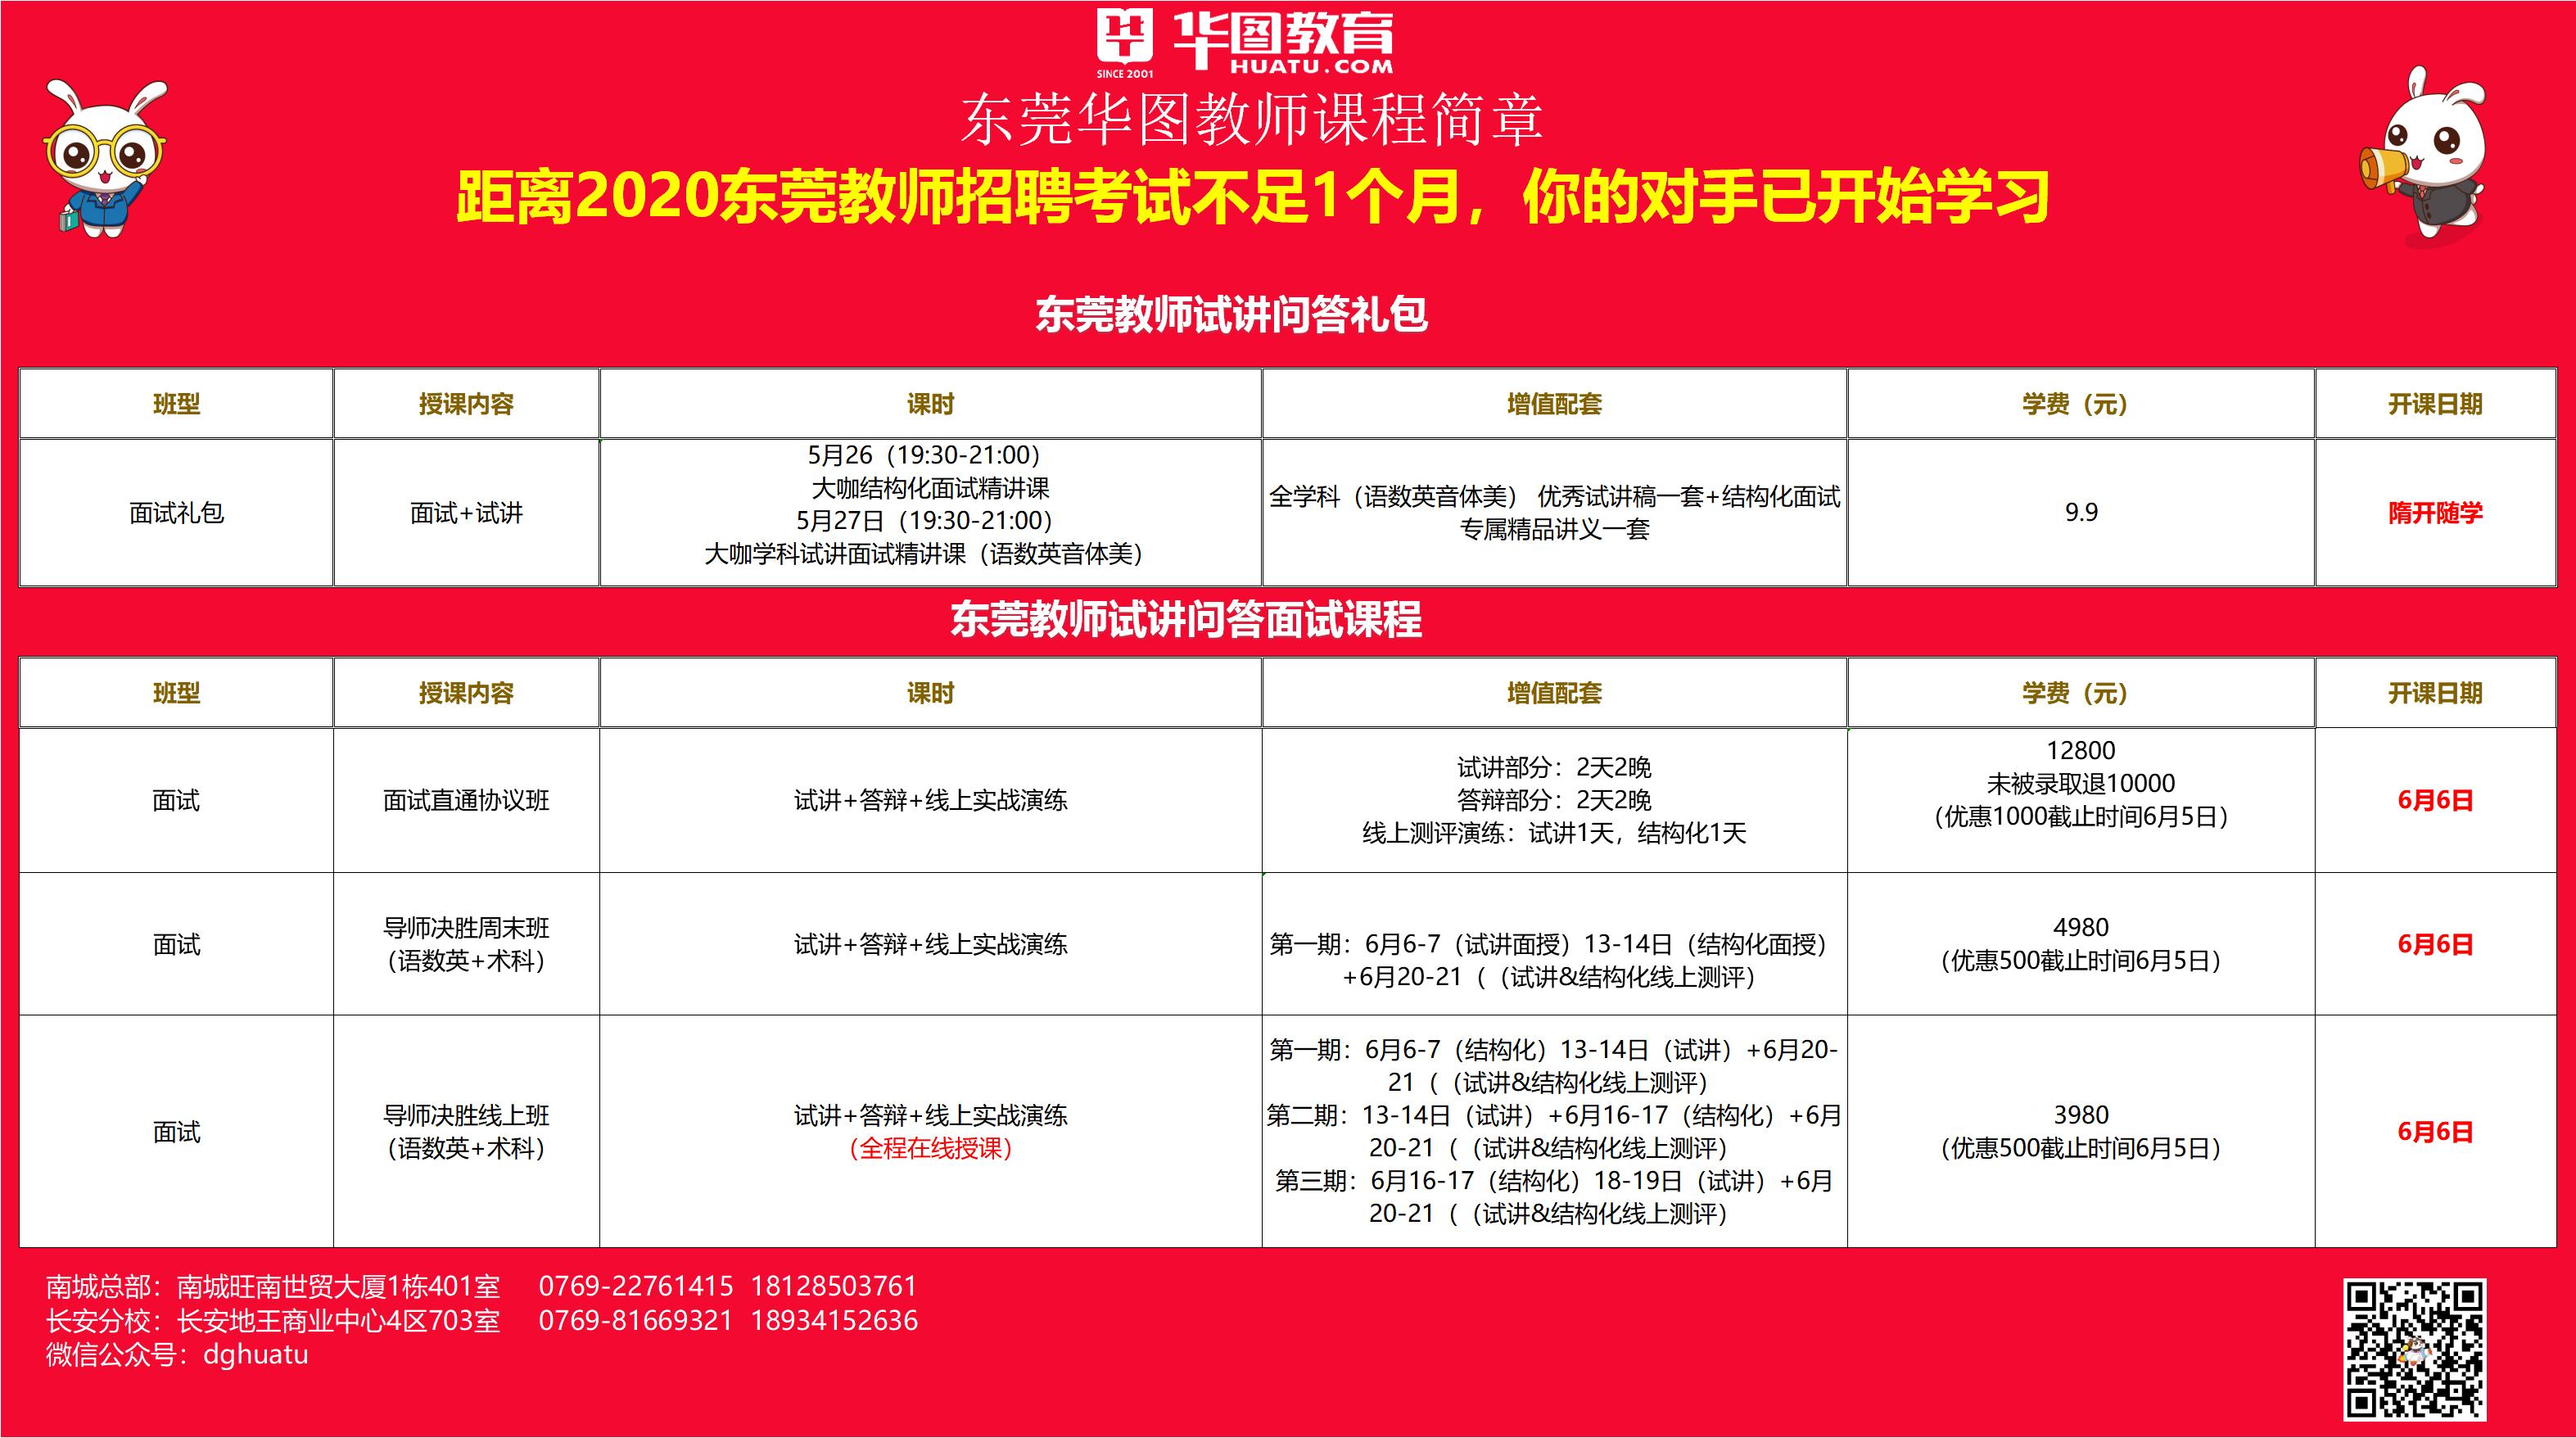 2020年东莞招聘教师公告汇总(676人)